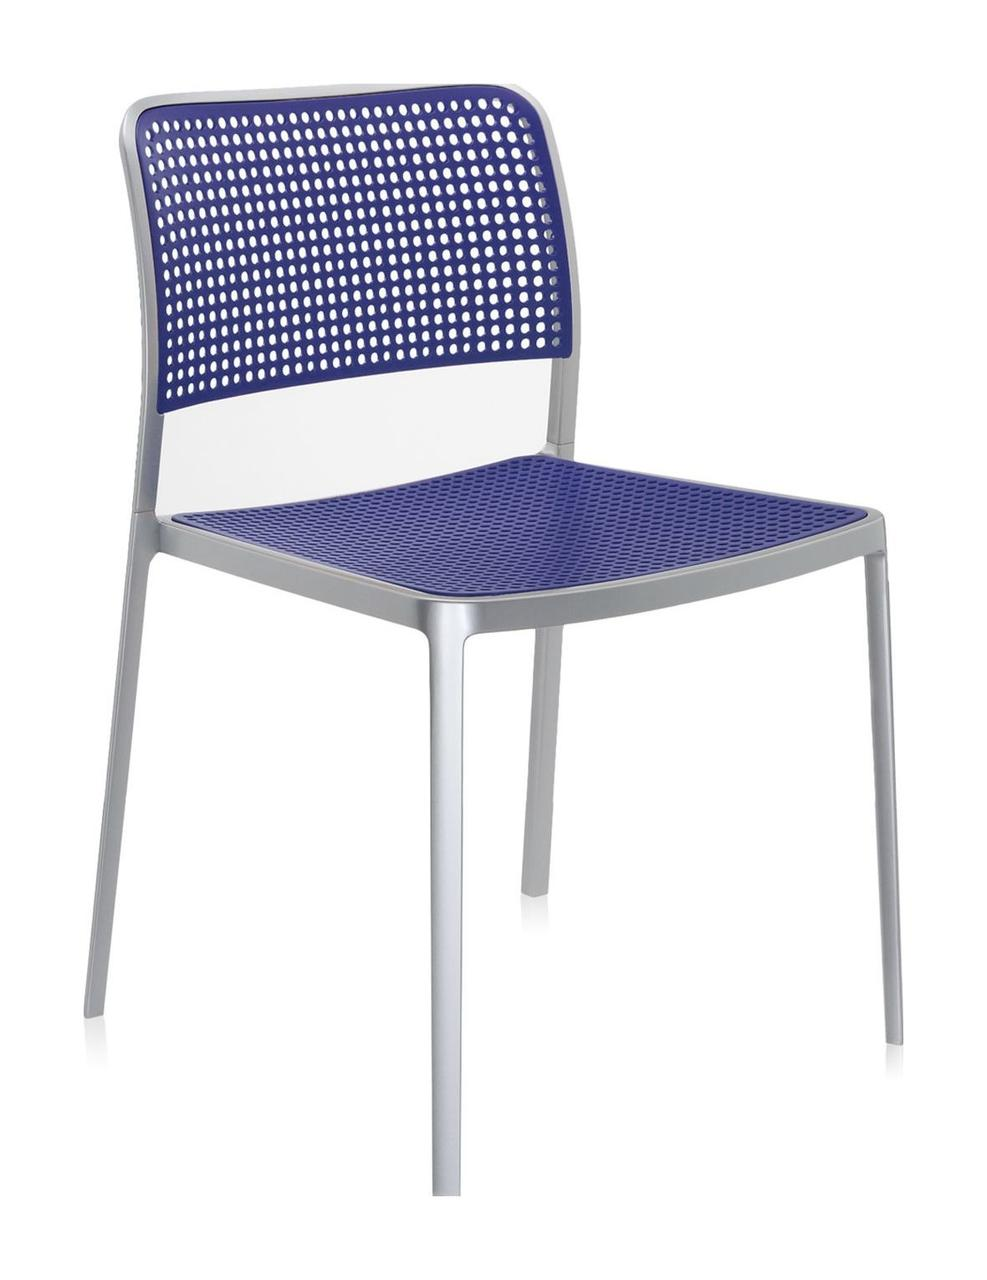 Стул Одри алюминиевая рама синяя сиденье